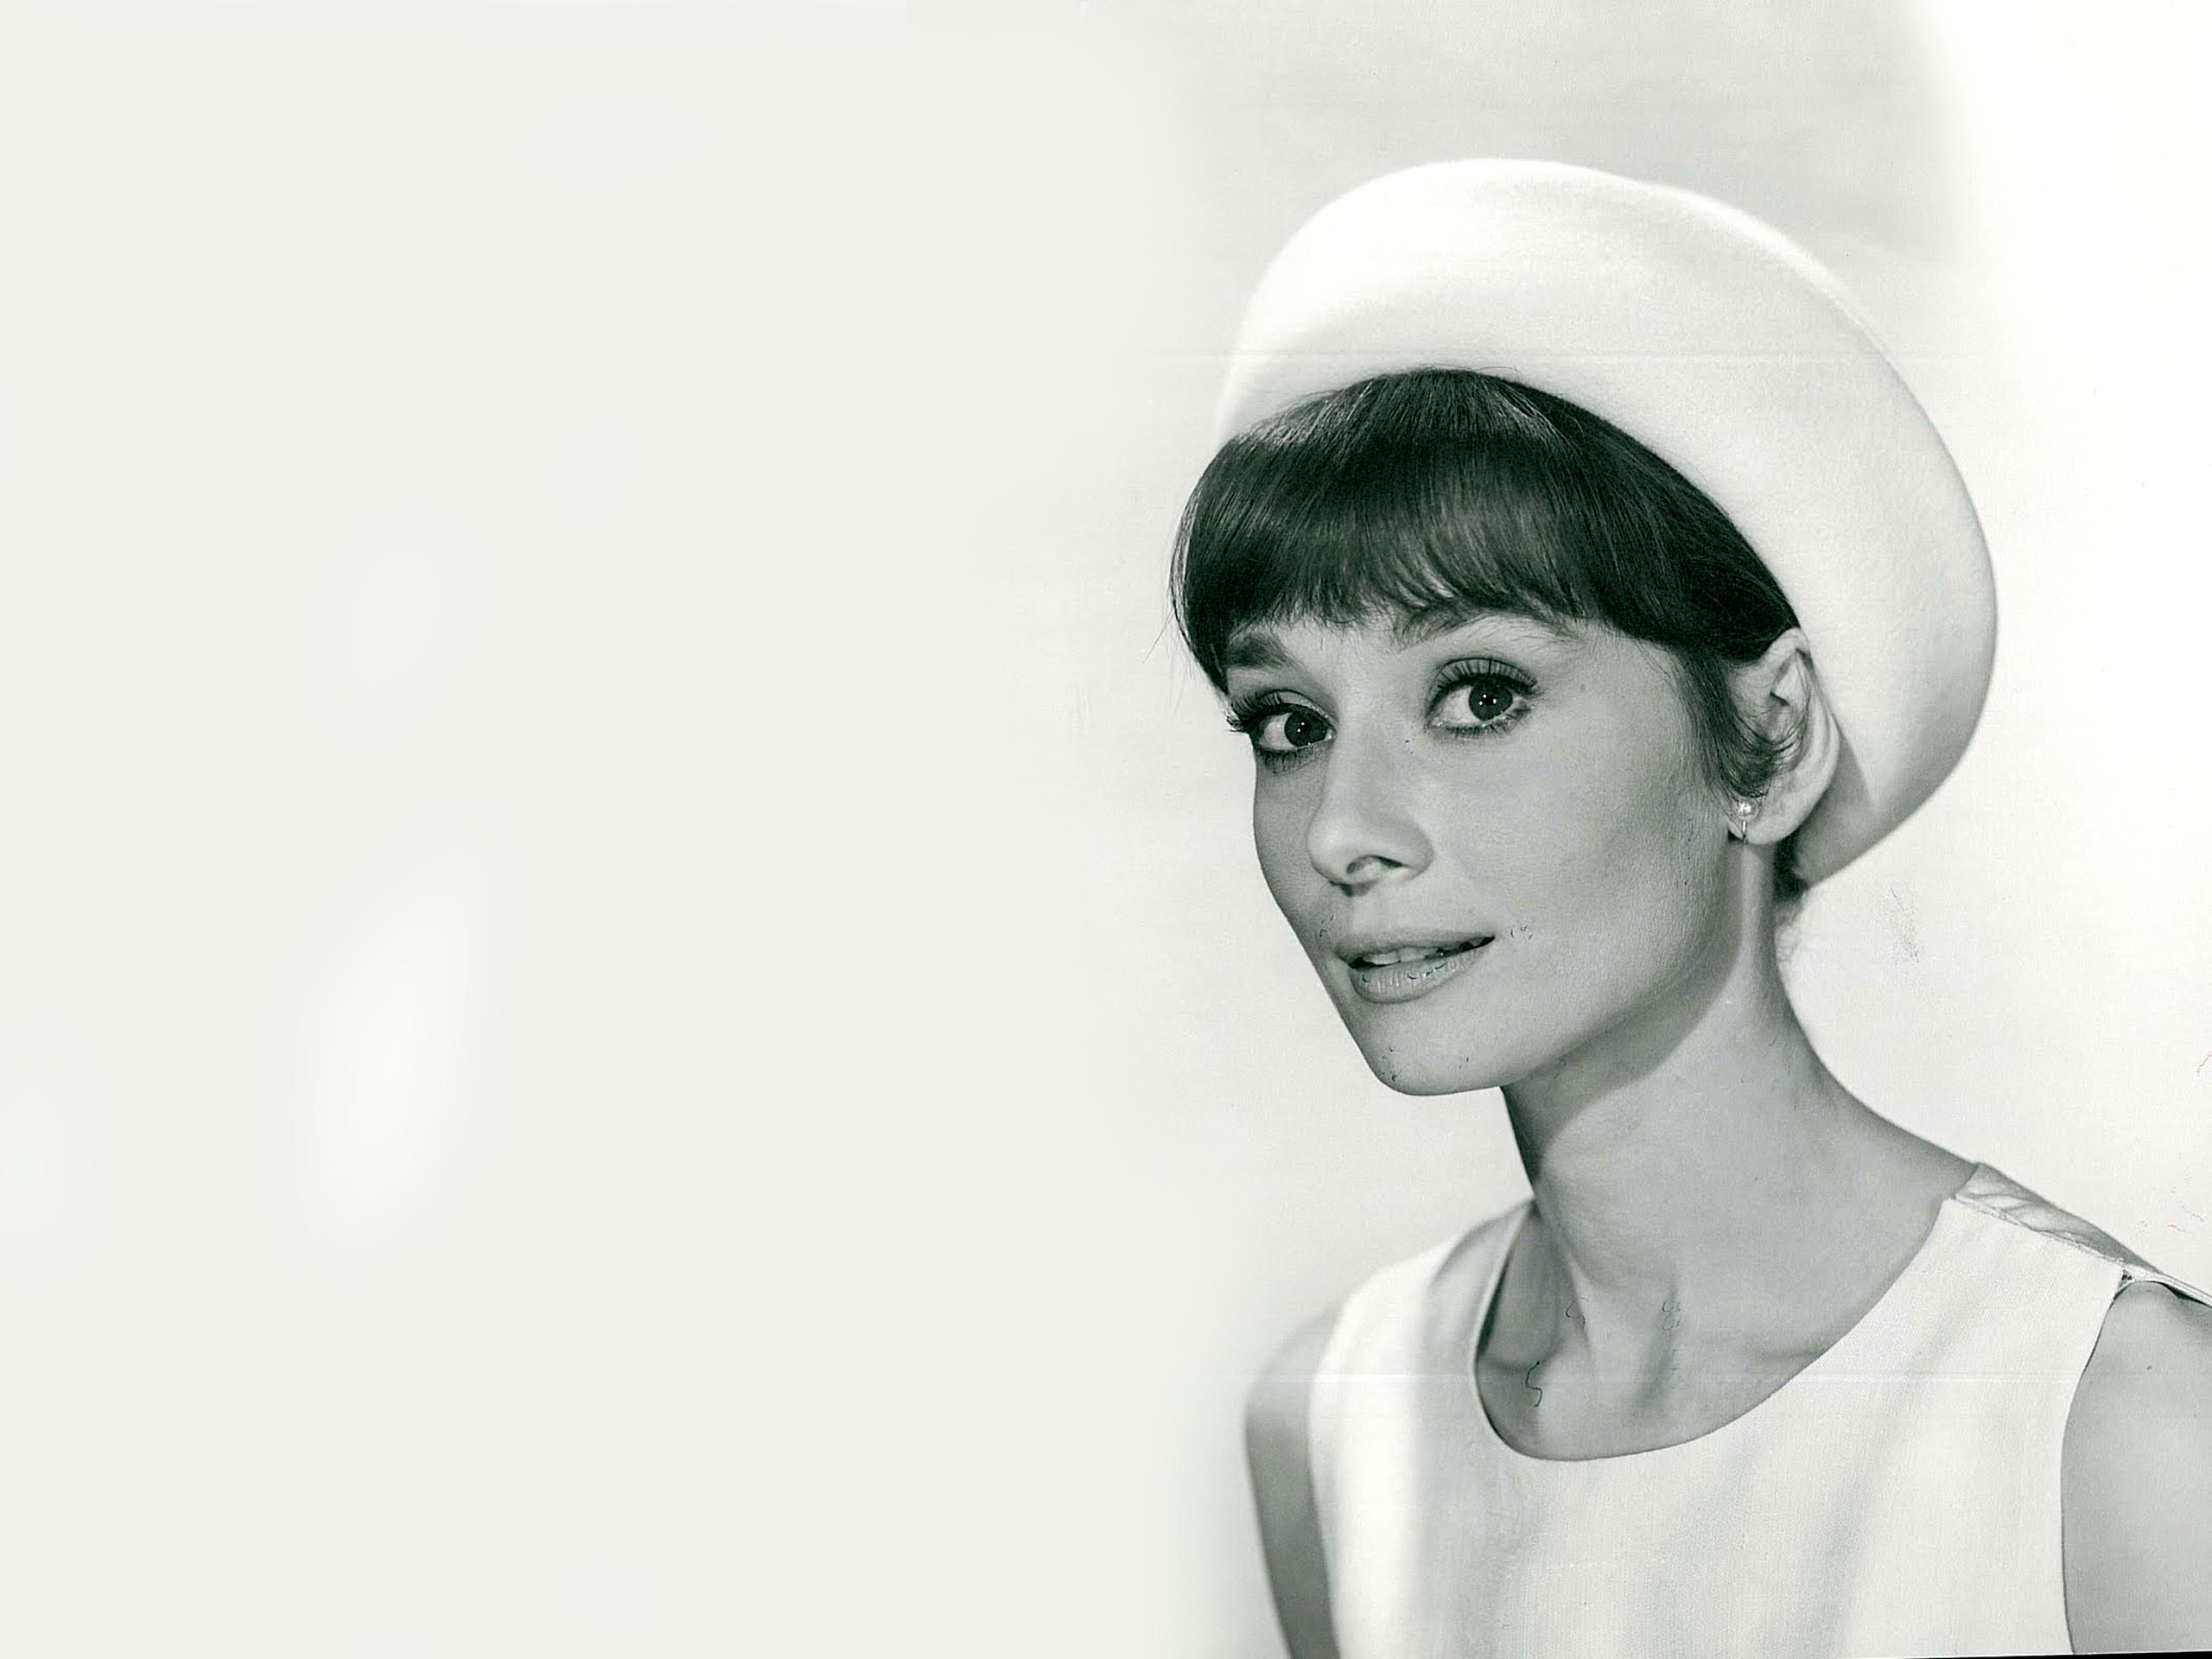 Audrey Hepburn Wallpapers 2560x1920 2560x1920